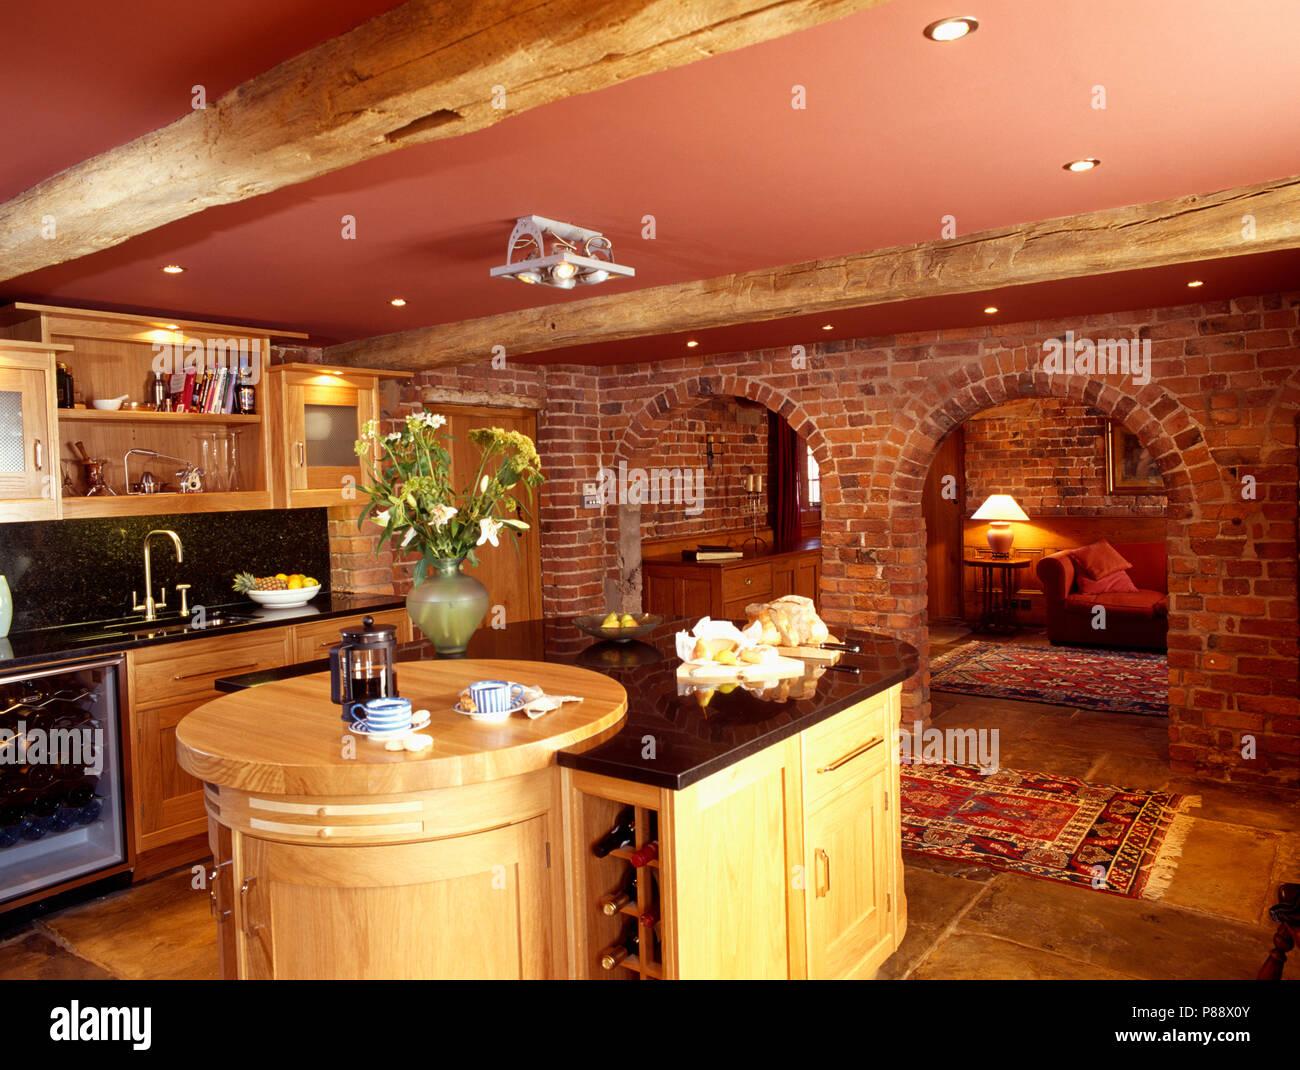 Isola in unità di conversione del granaio cucina con portali ad arco ...